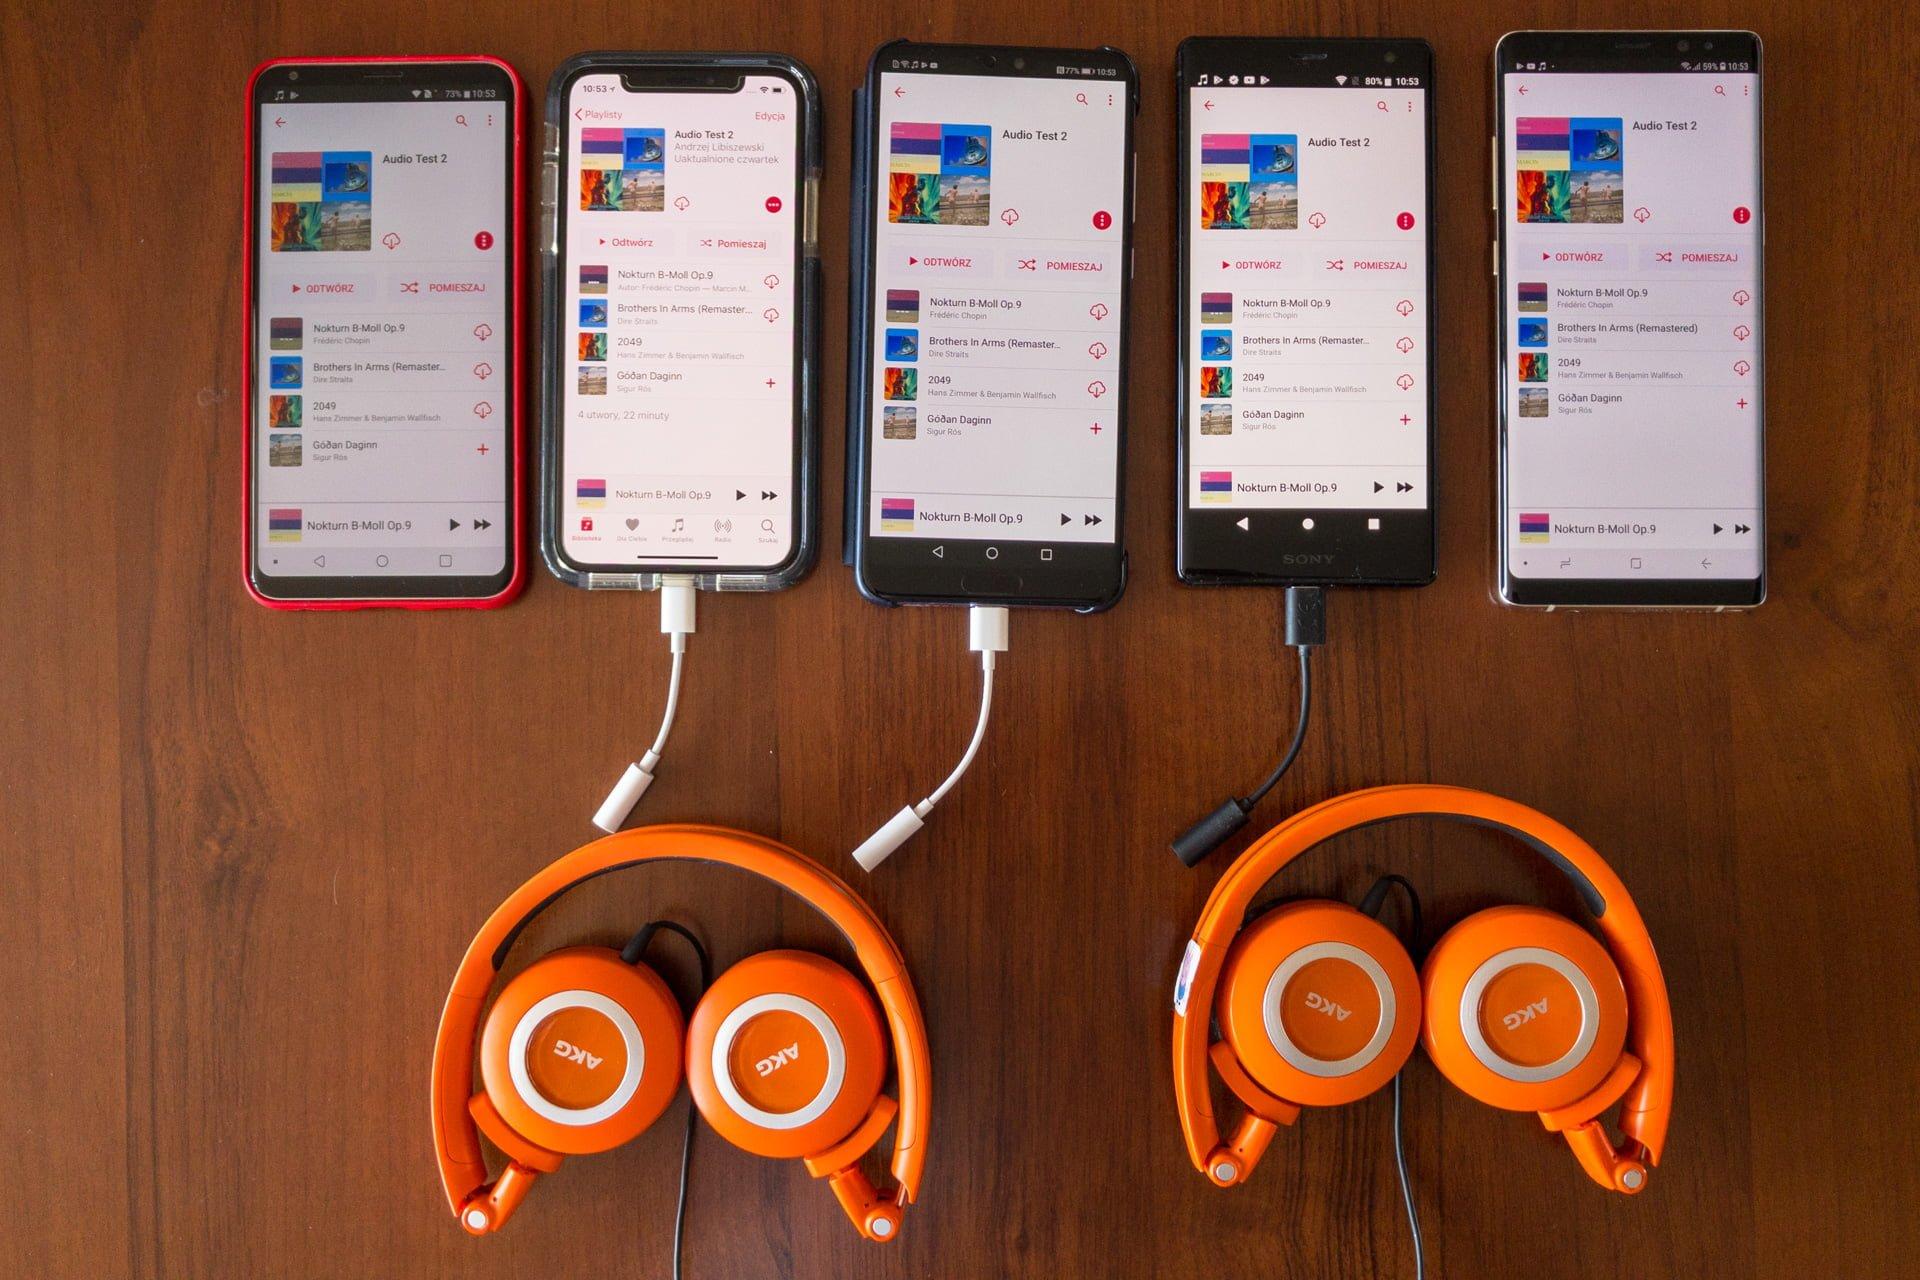 Tabletowo.pl Smartfony dla melomanów, czyli który flagowiec gra najlepiej? Sprawdziliśmy Android Apple Co kupić Huawei iOS LG Porównania Recenzje Samsung Smartfony Sony